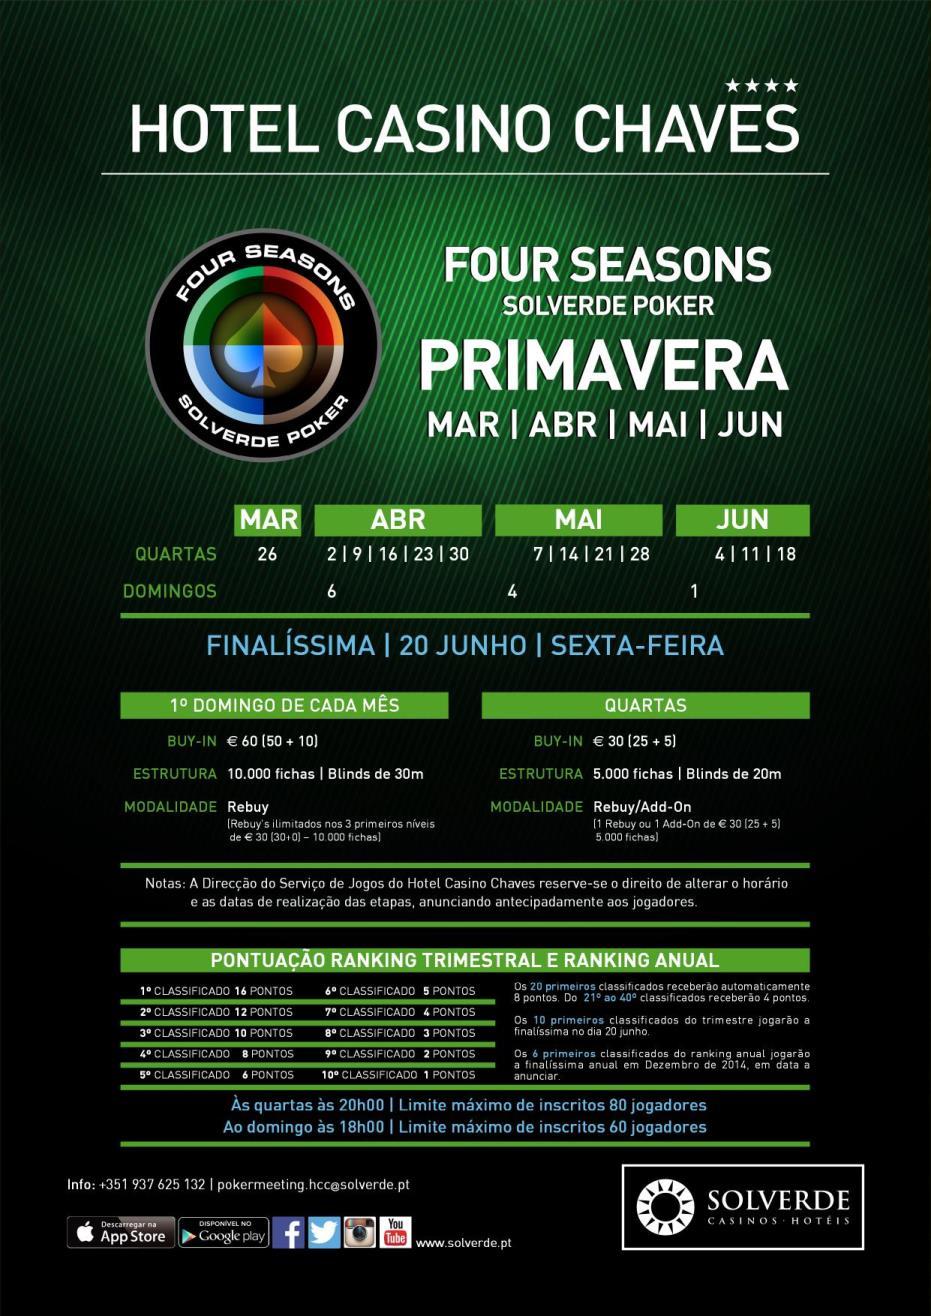 Arranca Amanhã a Four Seasons Primavera no Casino de Chaves 101